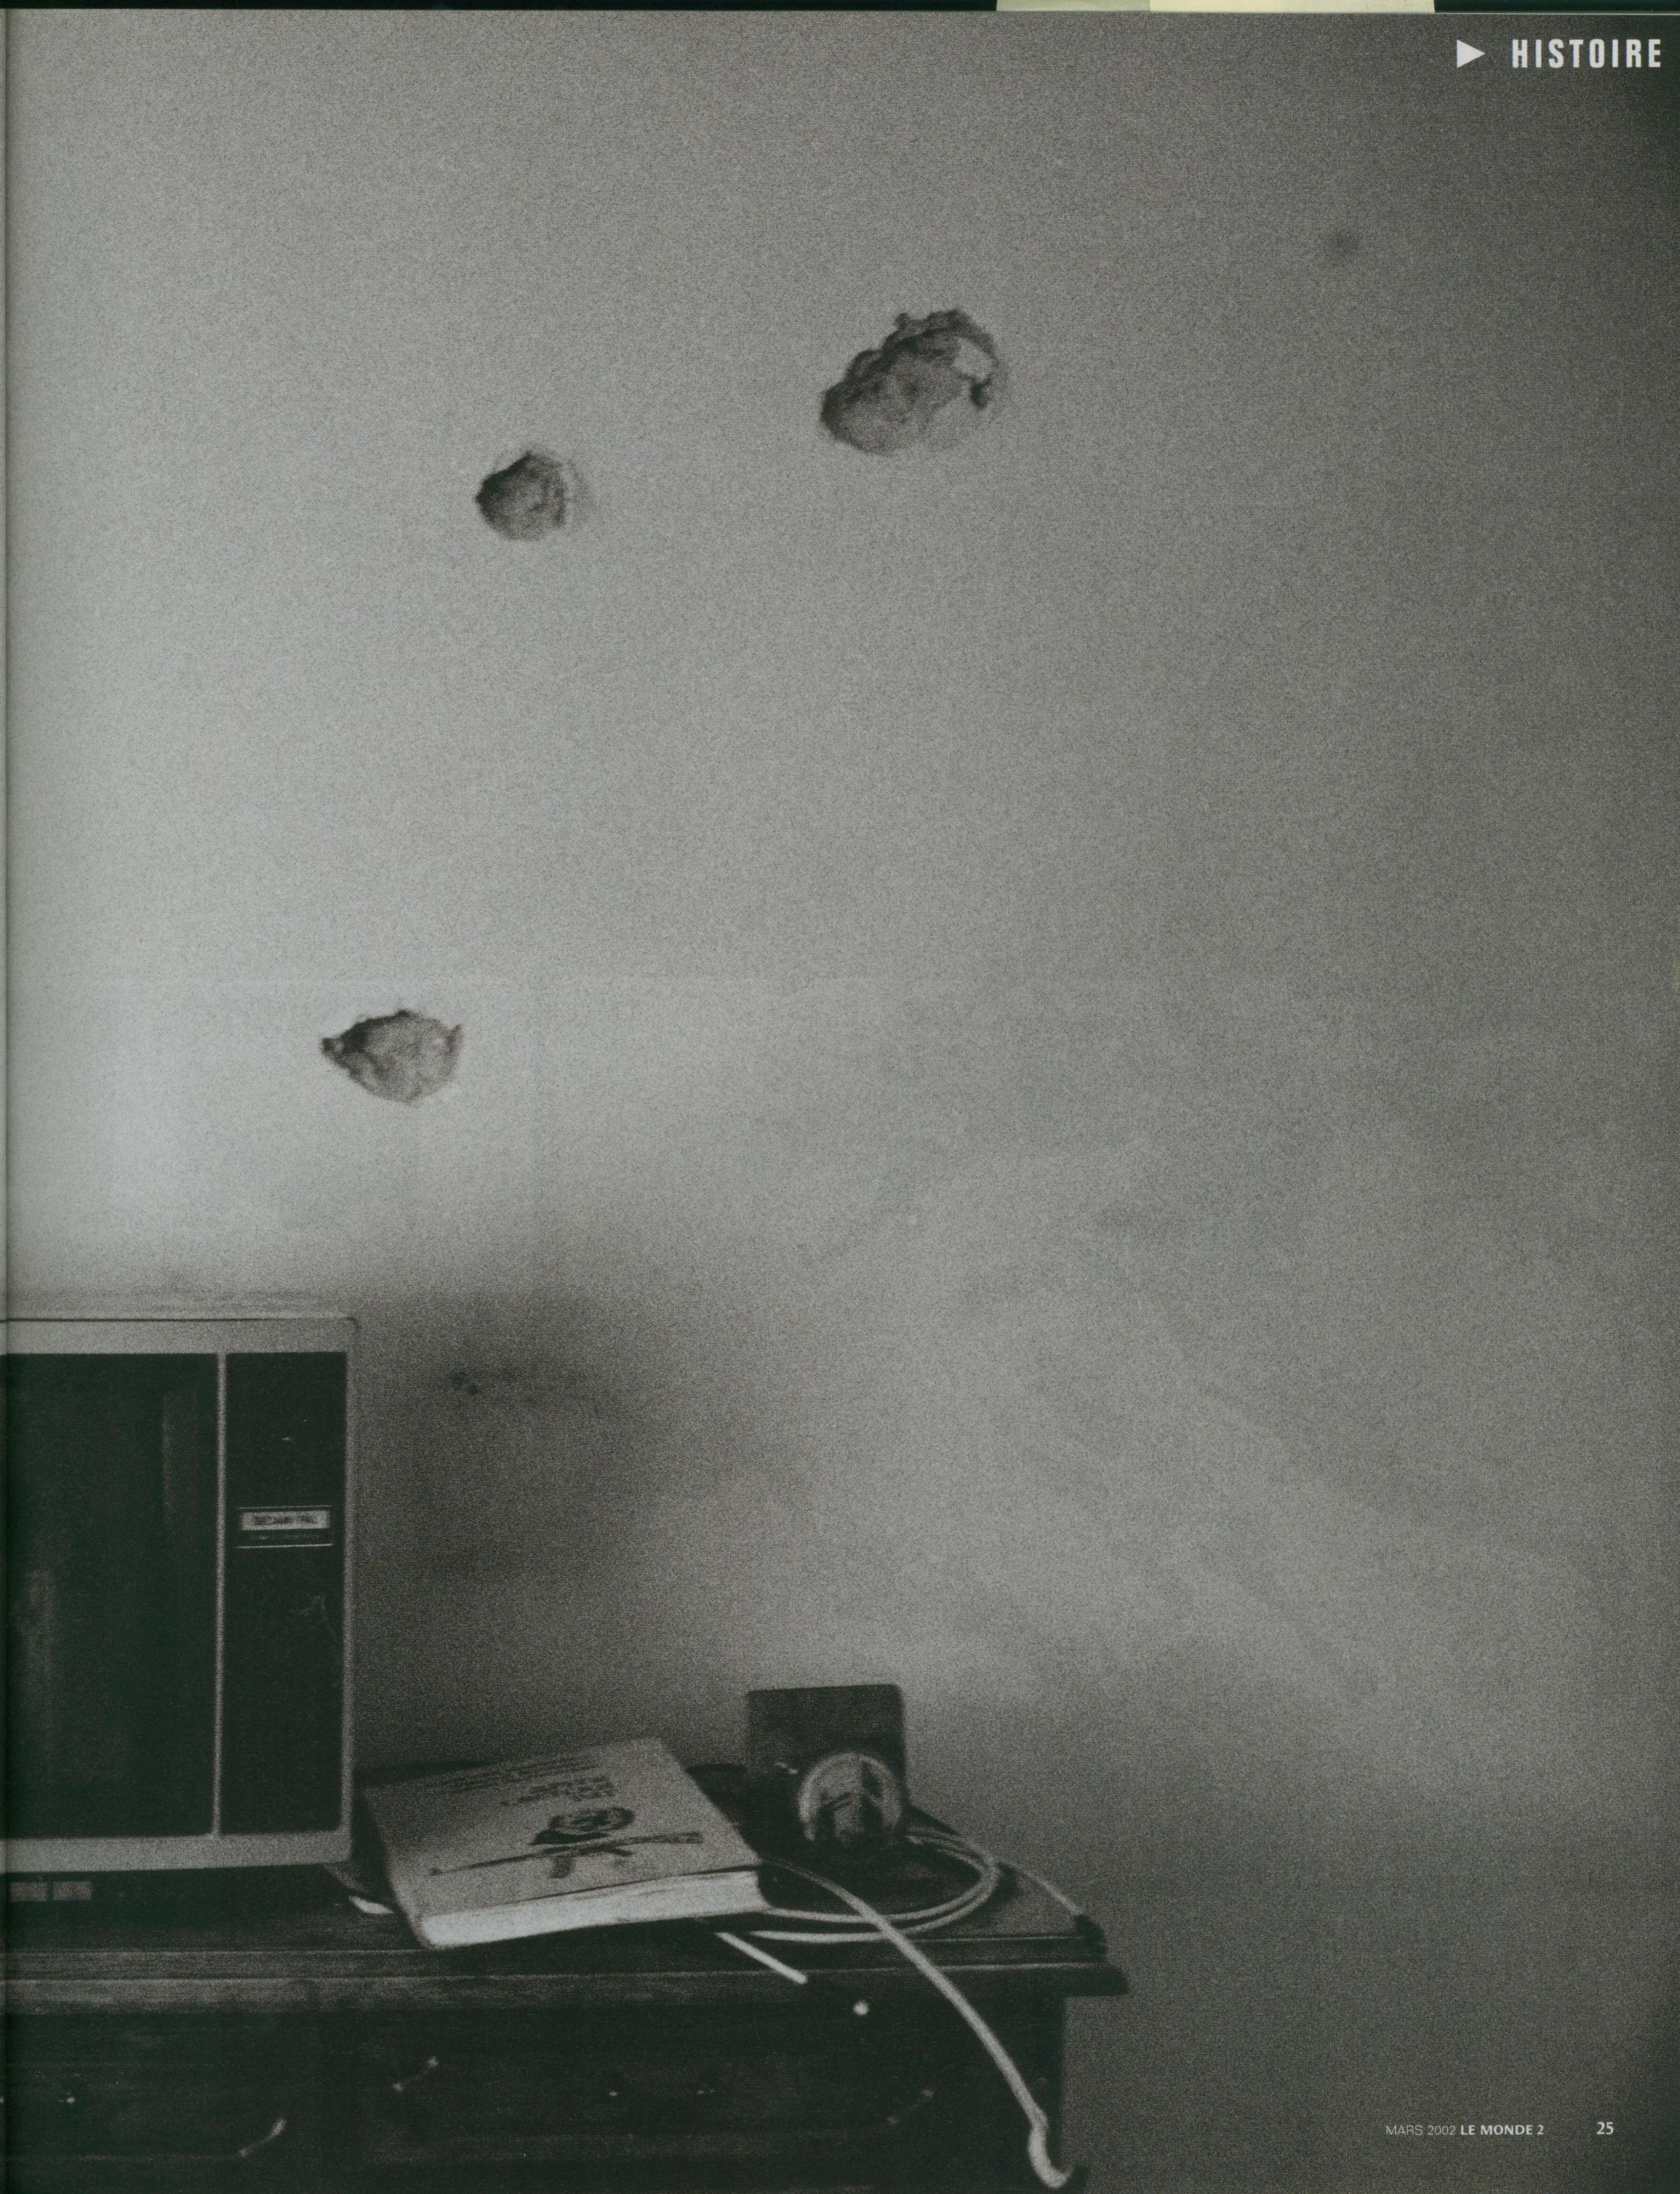 032002_LE MONDE 2_KOSOVO&BOSNIA0010.jpg